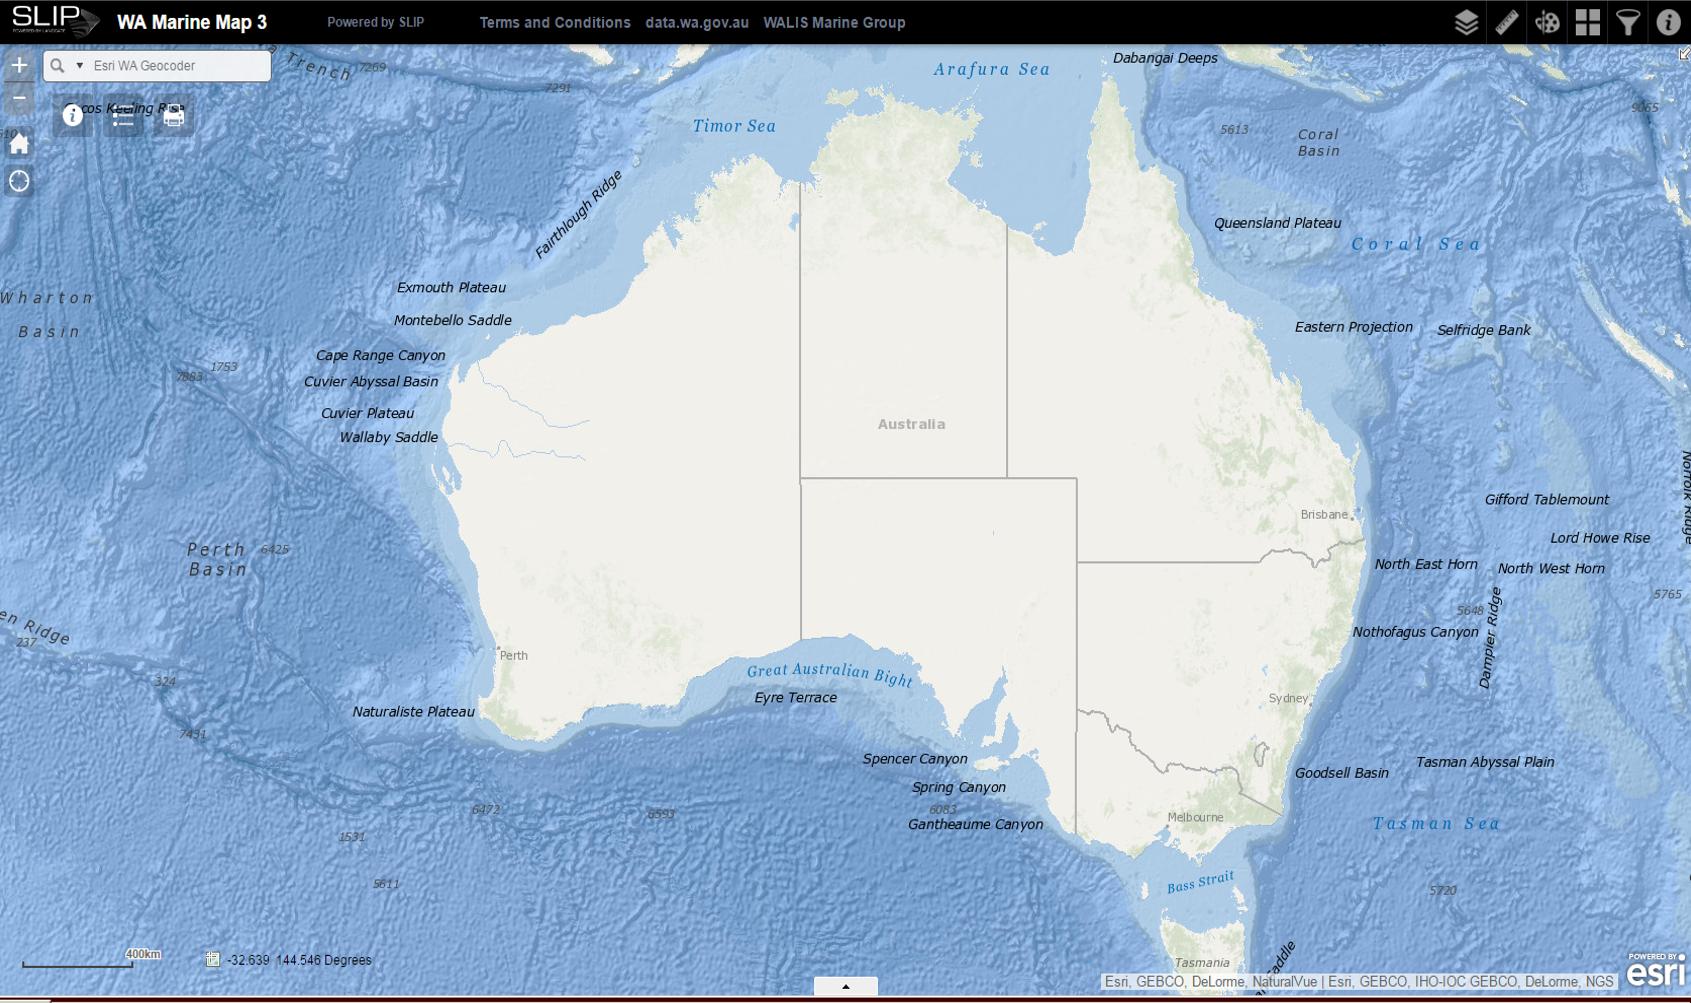 WA marine map